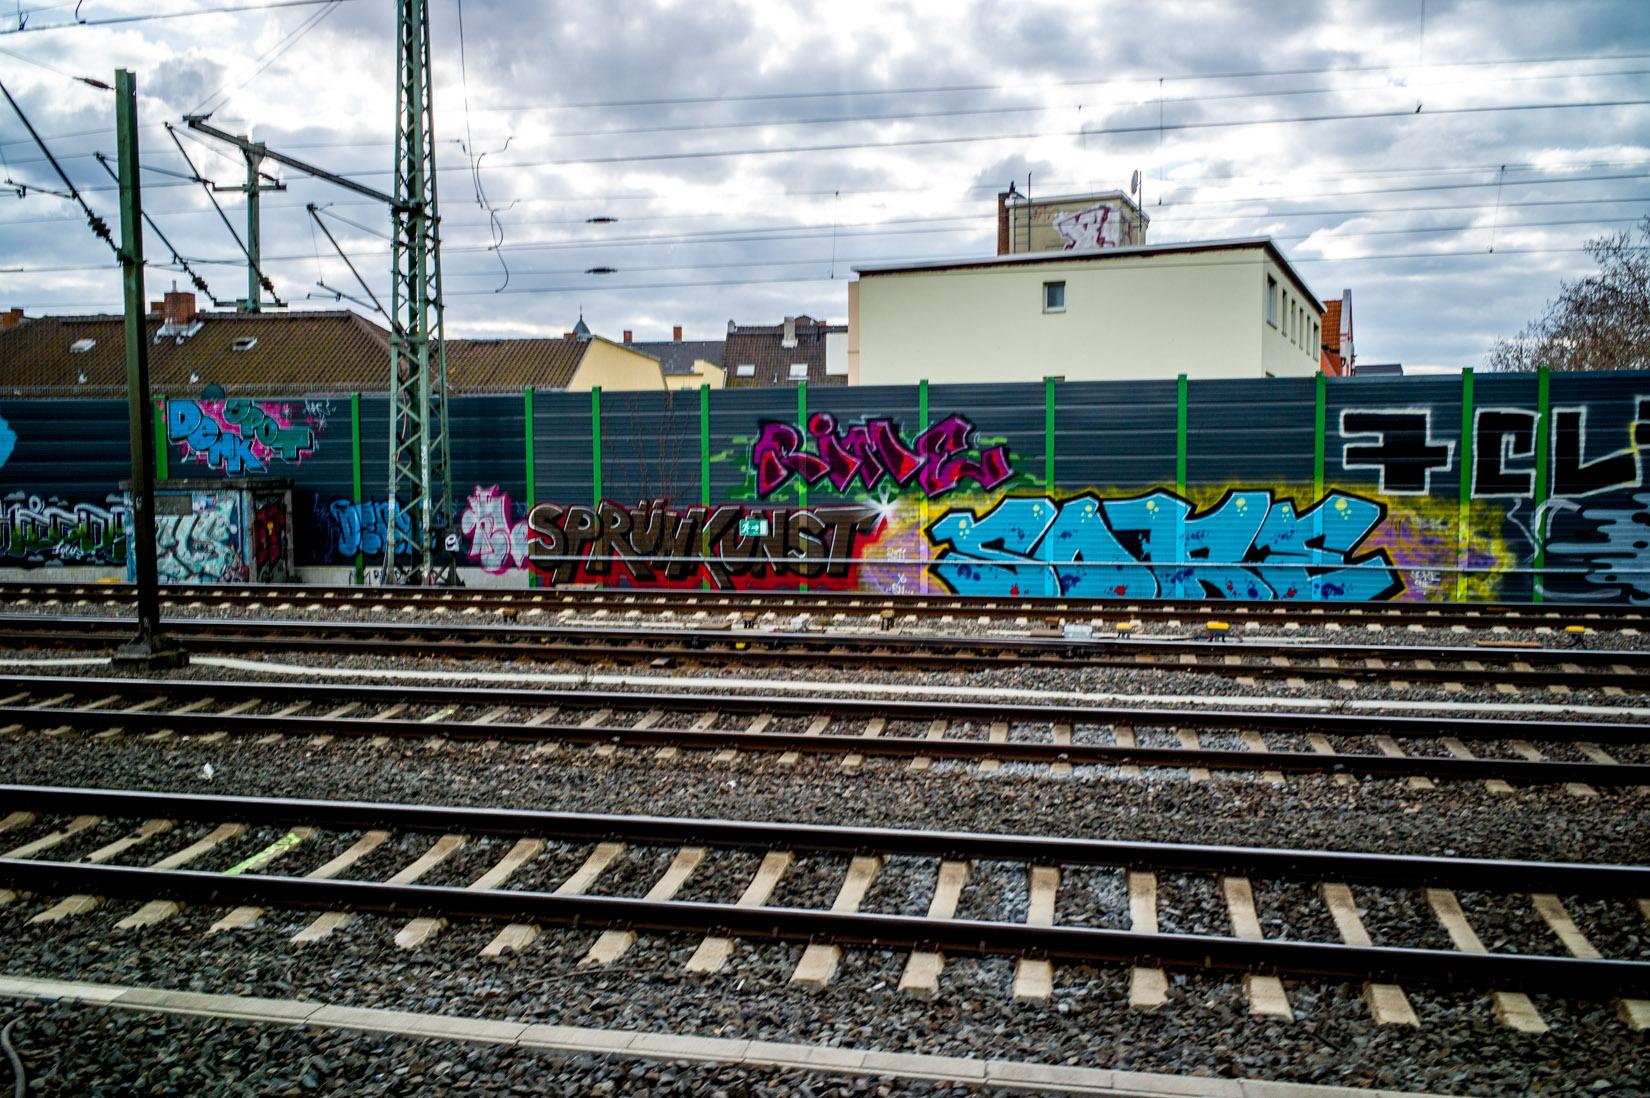 Frankfurt_Graffiti_Gallus Warte_2014-03 (36 von 45)